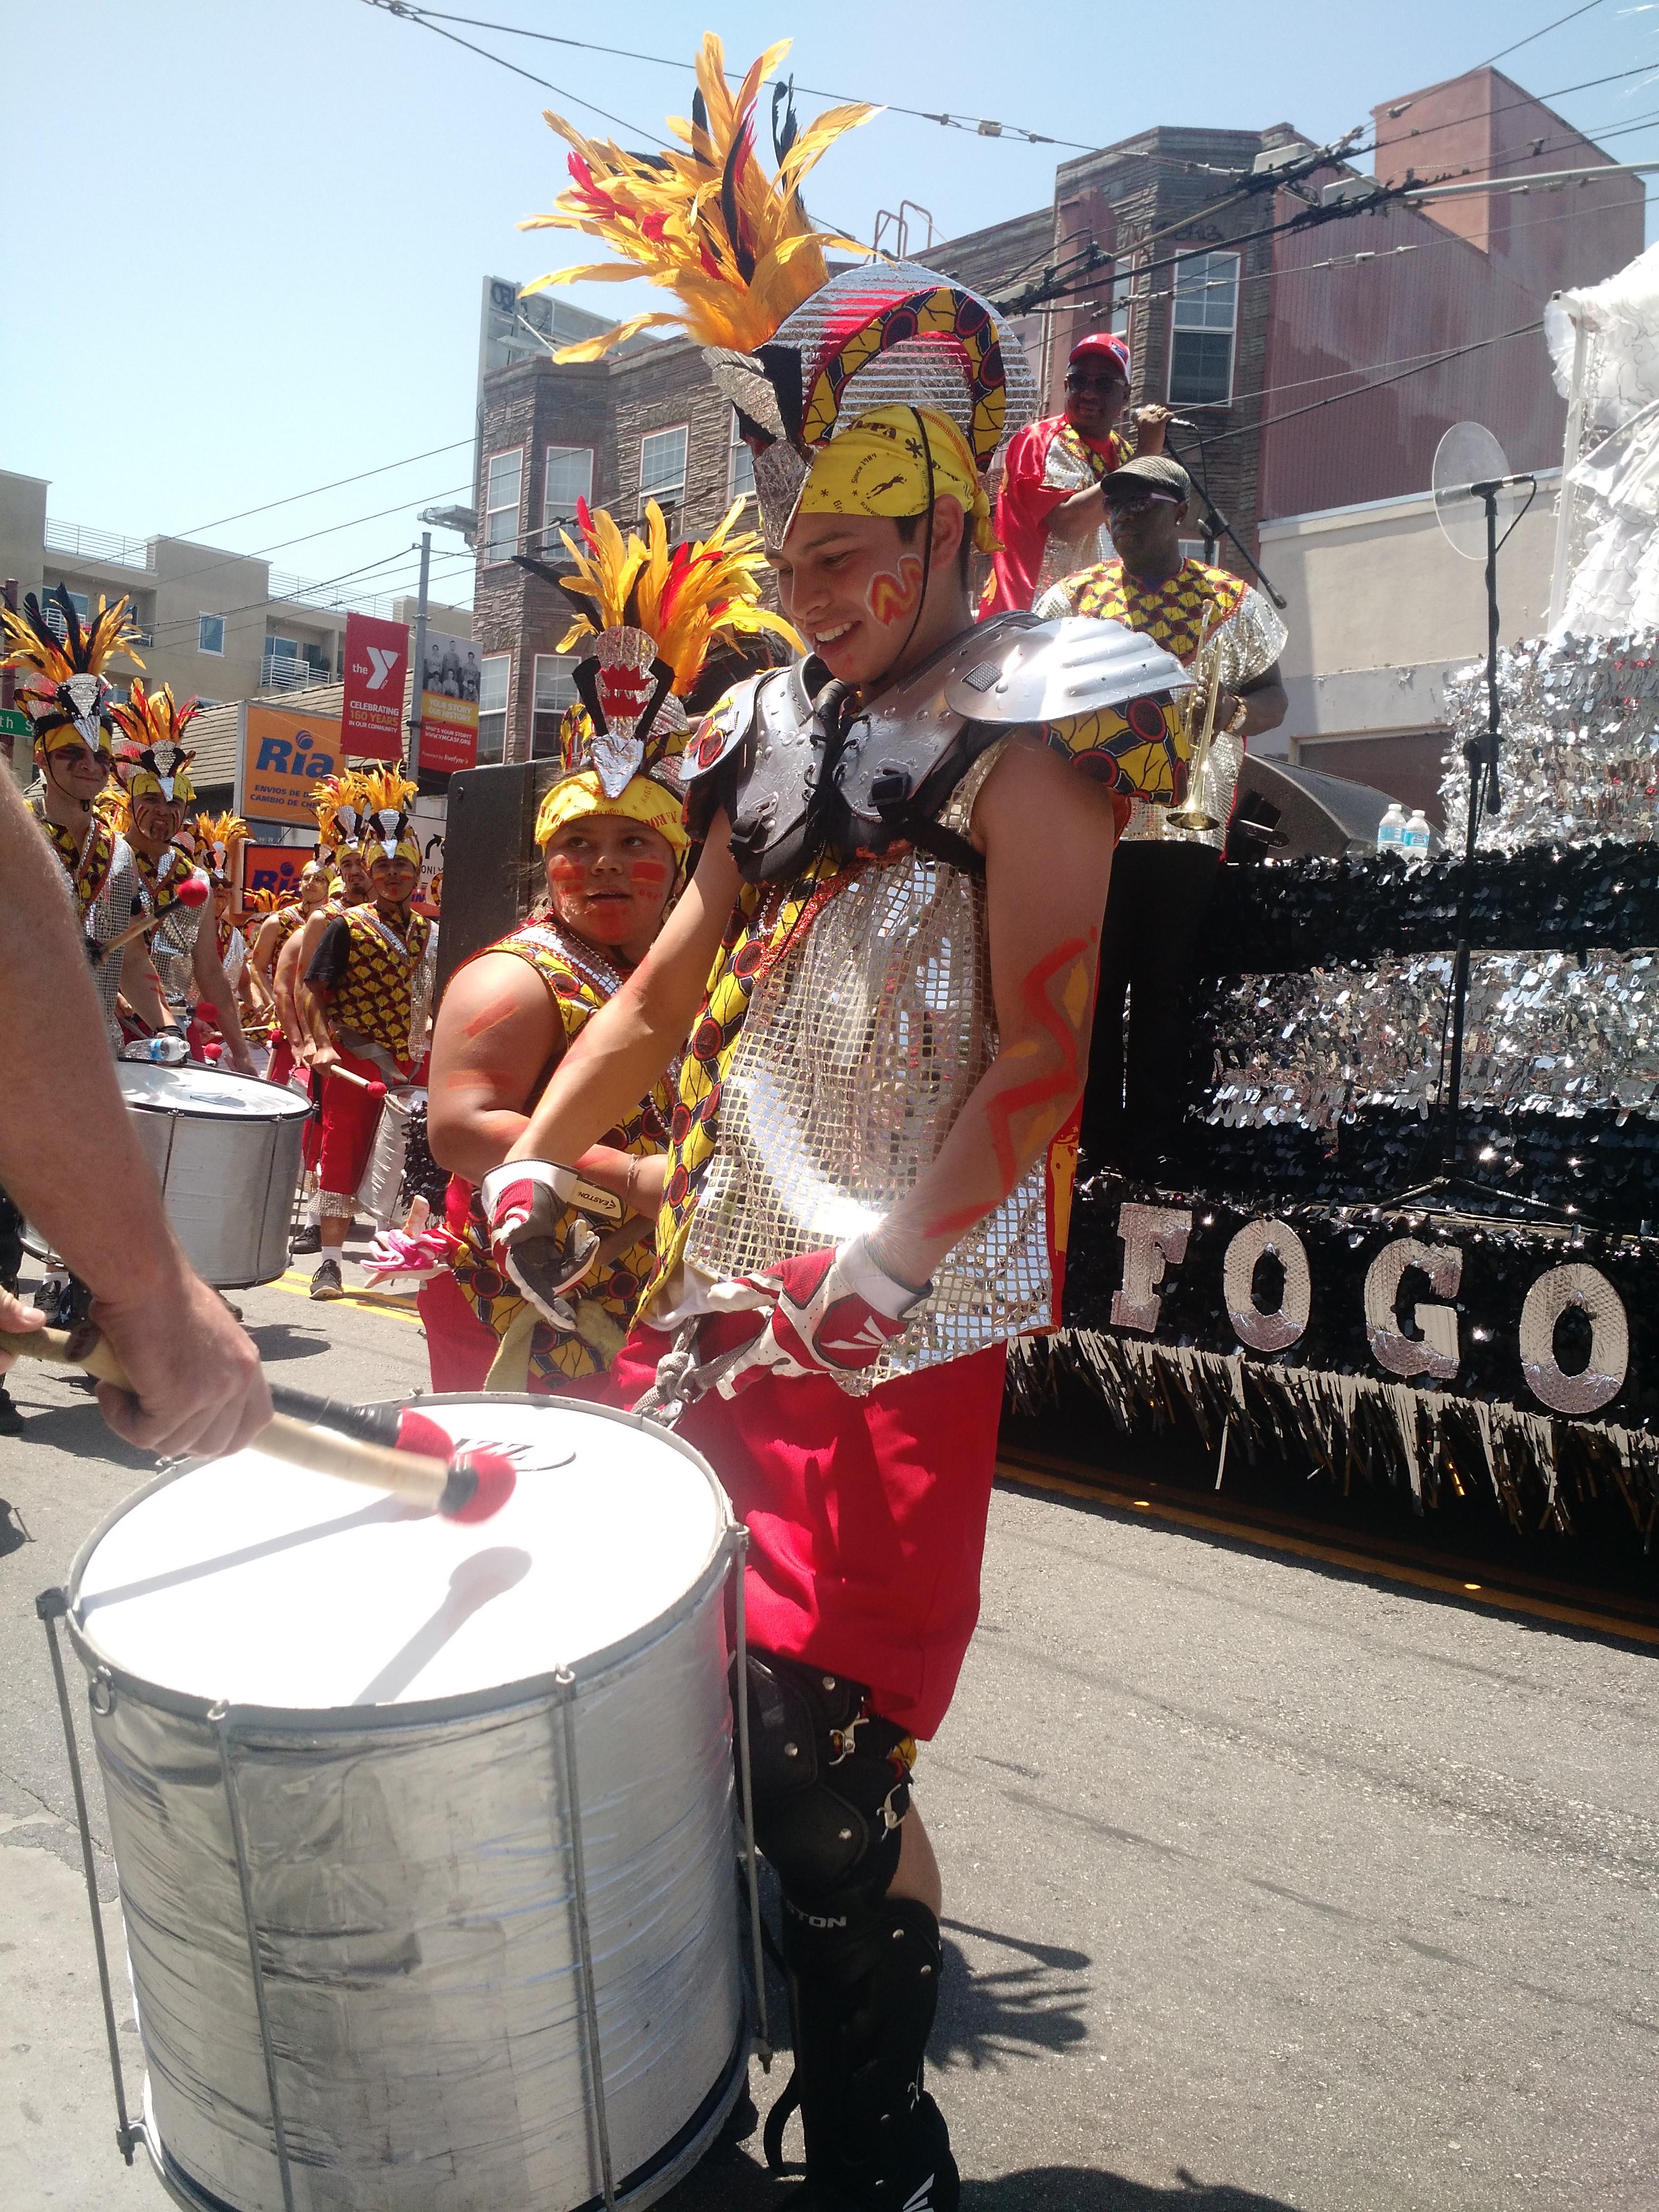 drummer Fogo Na Ropa San Francisco carnival parade